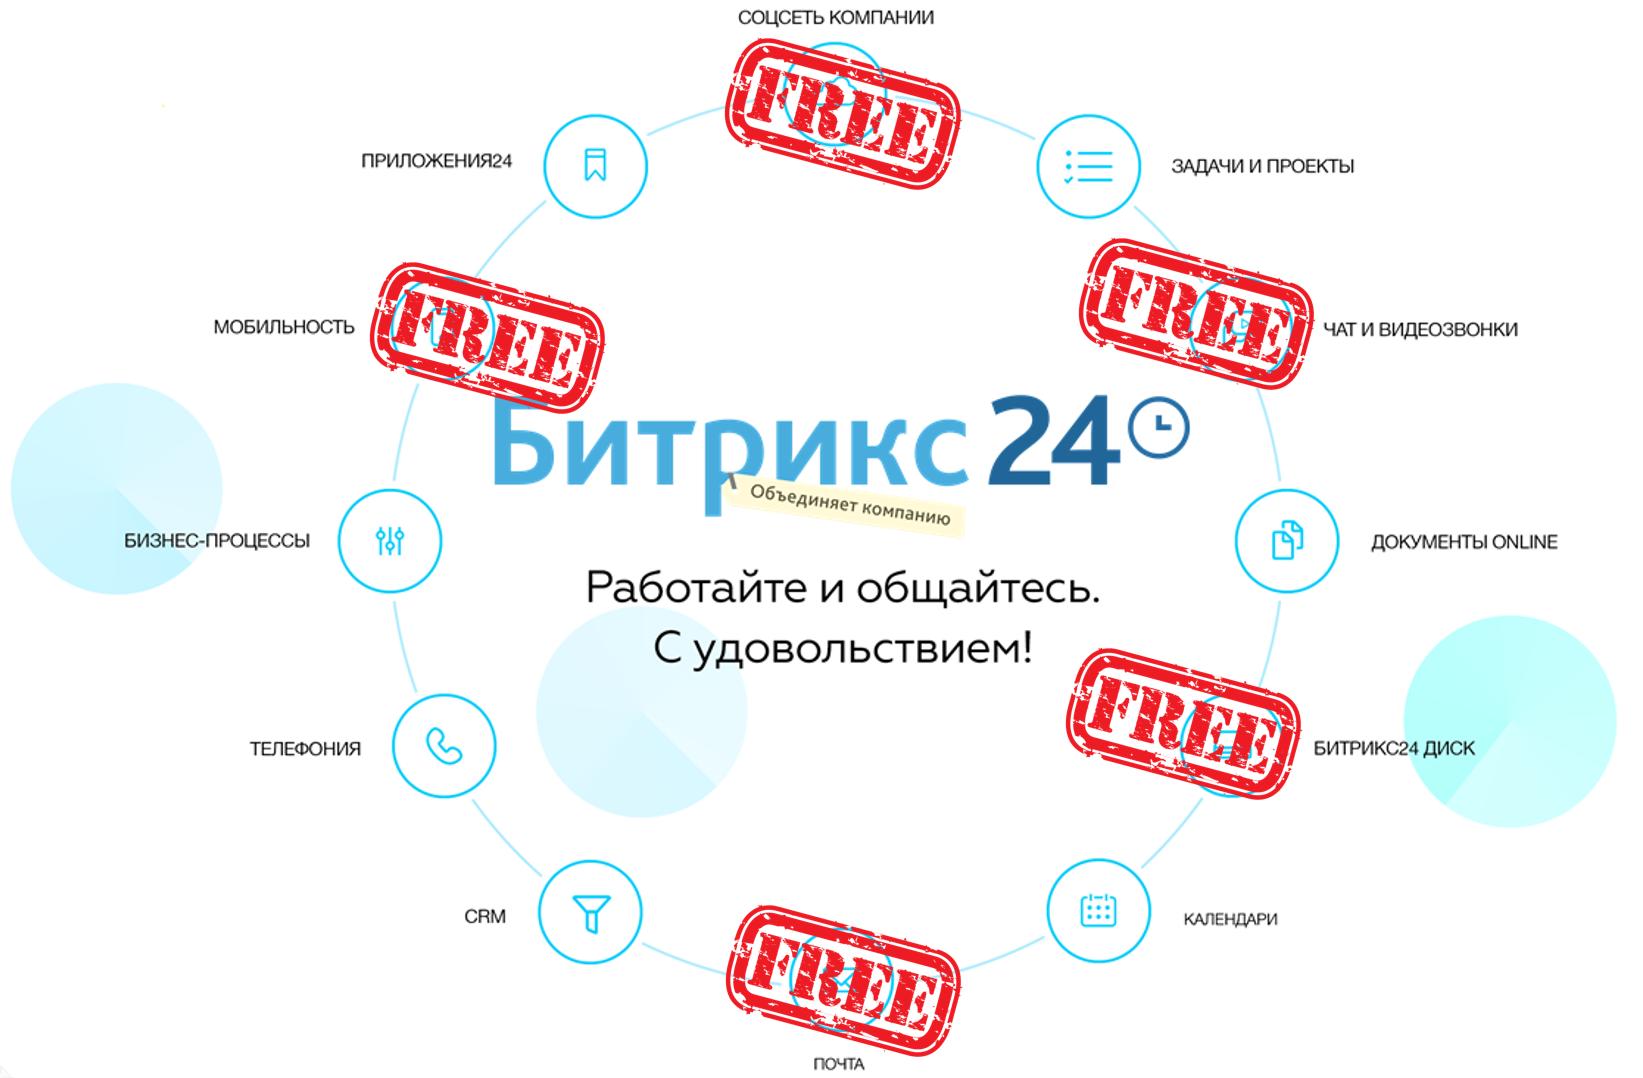 «Битрикс24» — теперь полностью бесплатные коммуникации для любой команды - 1